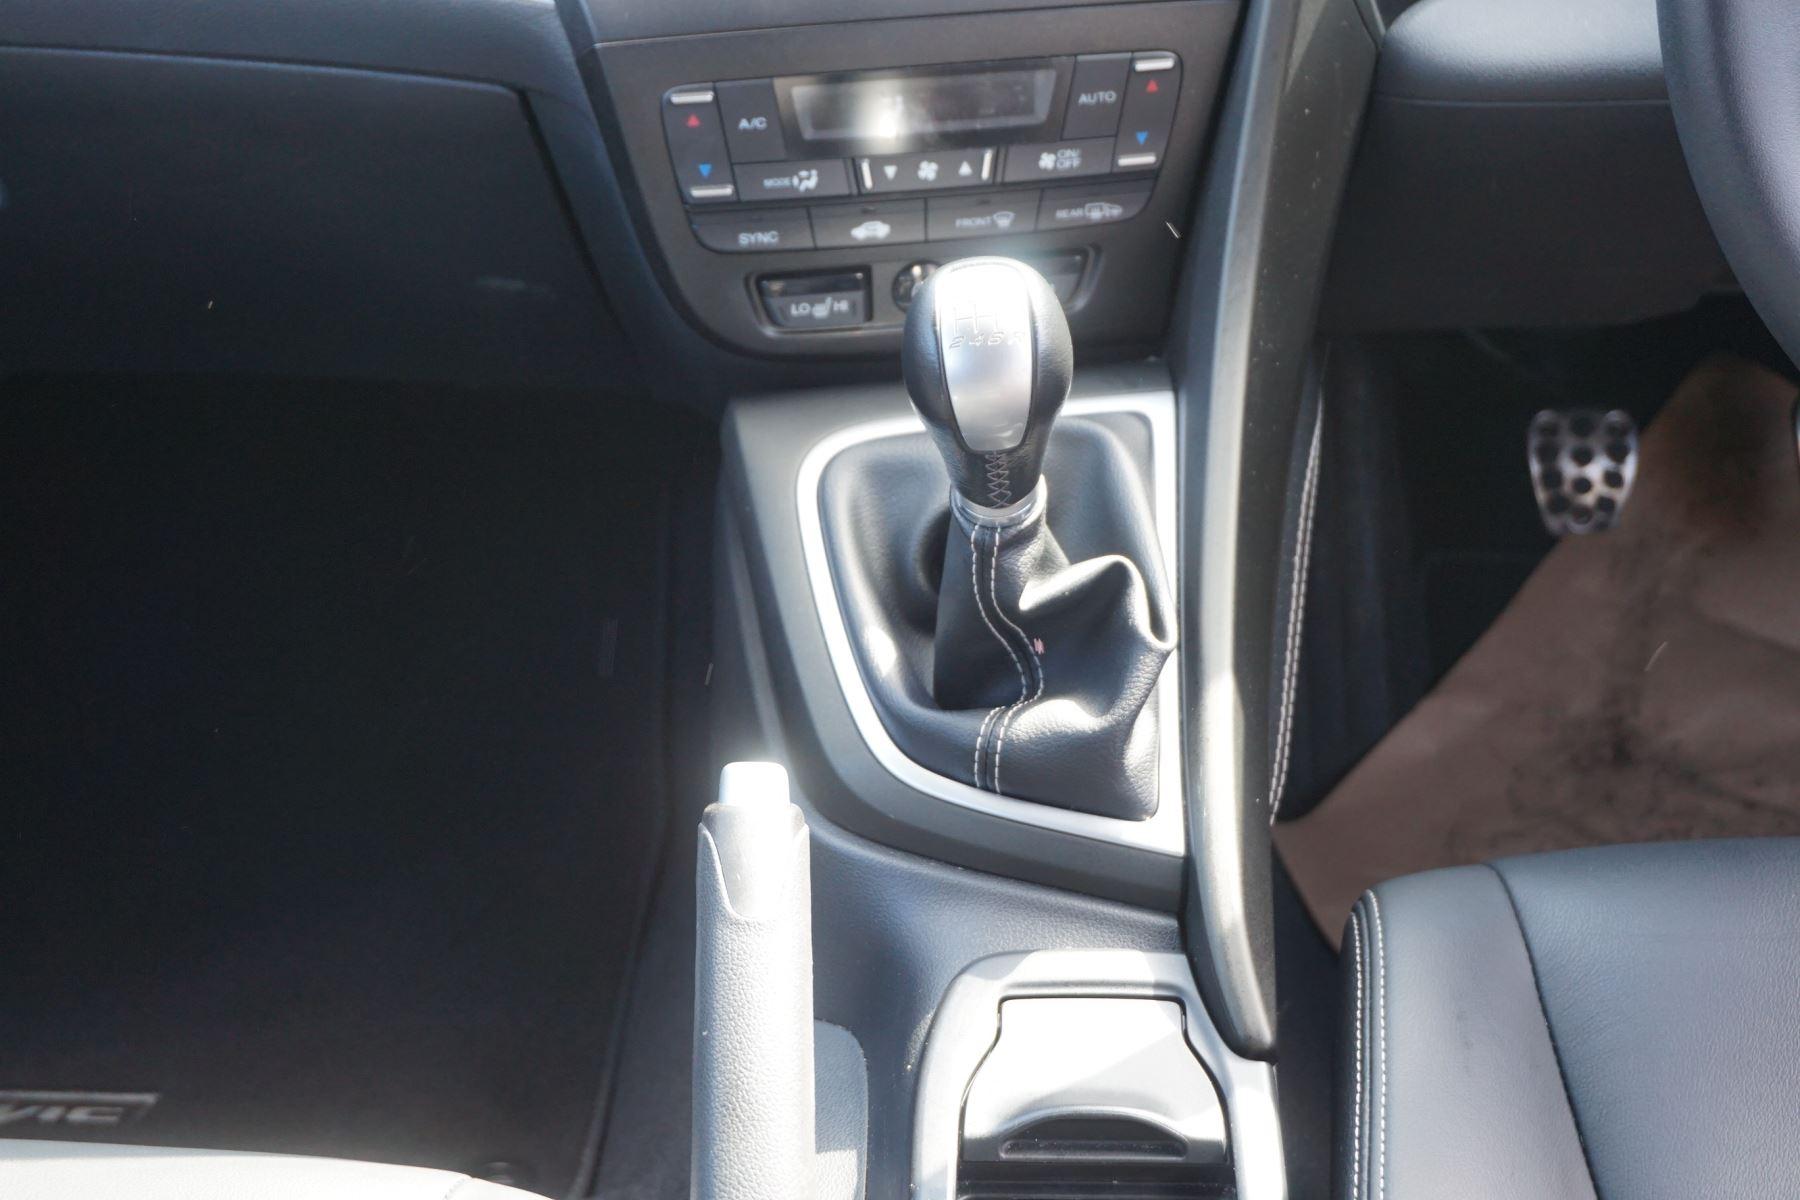 Honda Civic 1.6 i-DTEC SR 5dr image 15